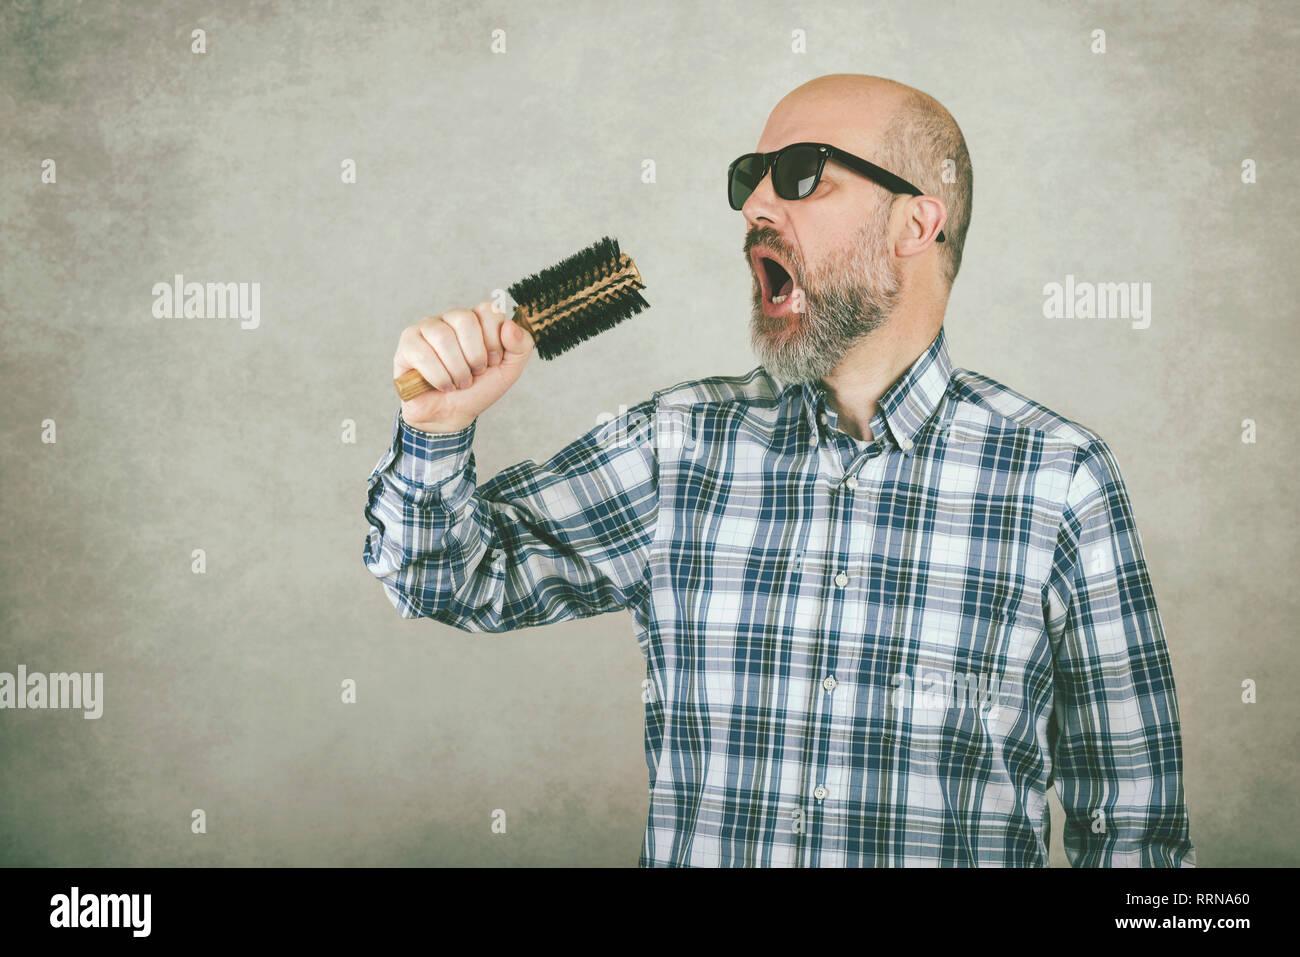 Uomo con occhiali da sole cantando una spazzola per capelli contro uno sfondo grigio Immagini Stock